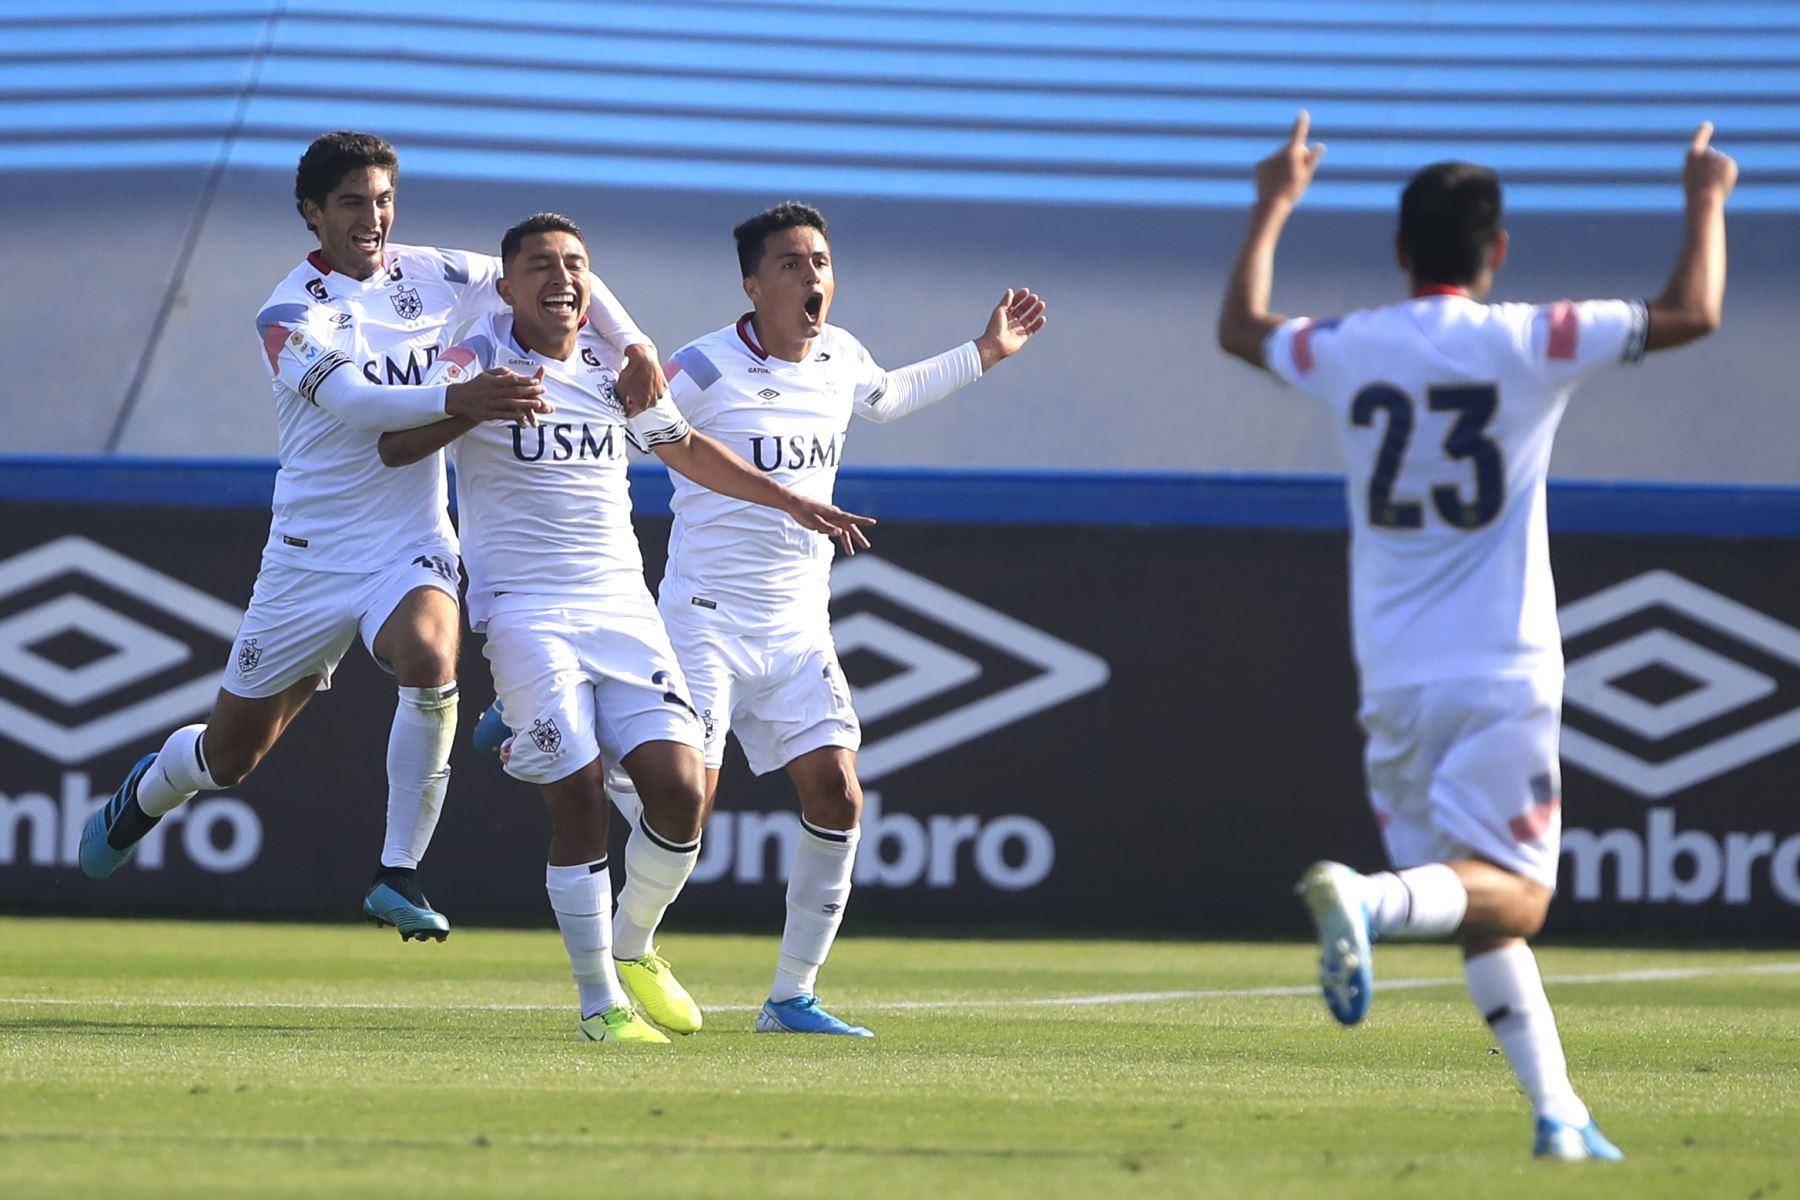 Celebración de Yamir Oliva de la San Martín luego de anotar  el primer gol durante el partido contra Alianza Lima jugado en el estadio Alberto Gallardo.          Foto: Andina/Juan Carlos Guzmán Negrini